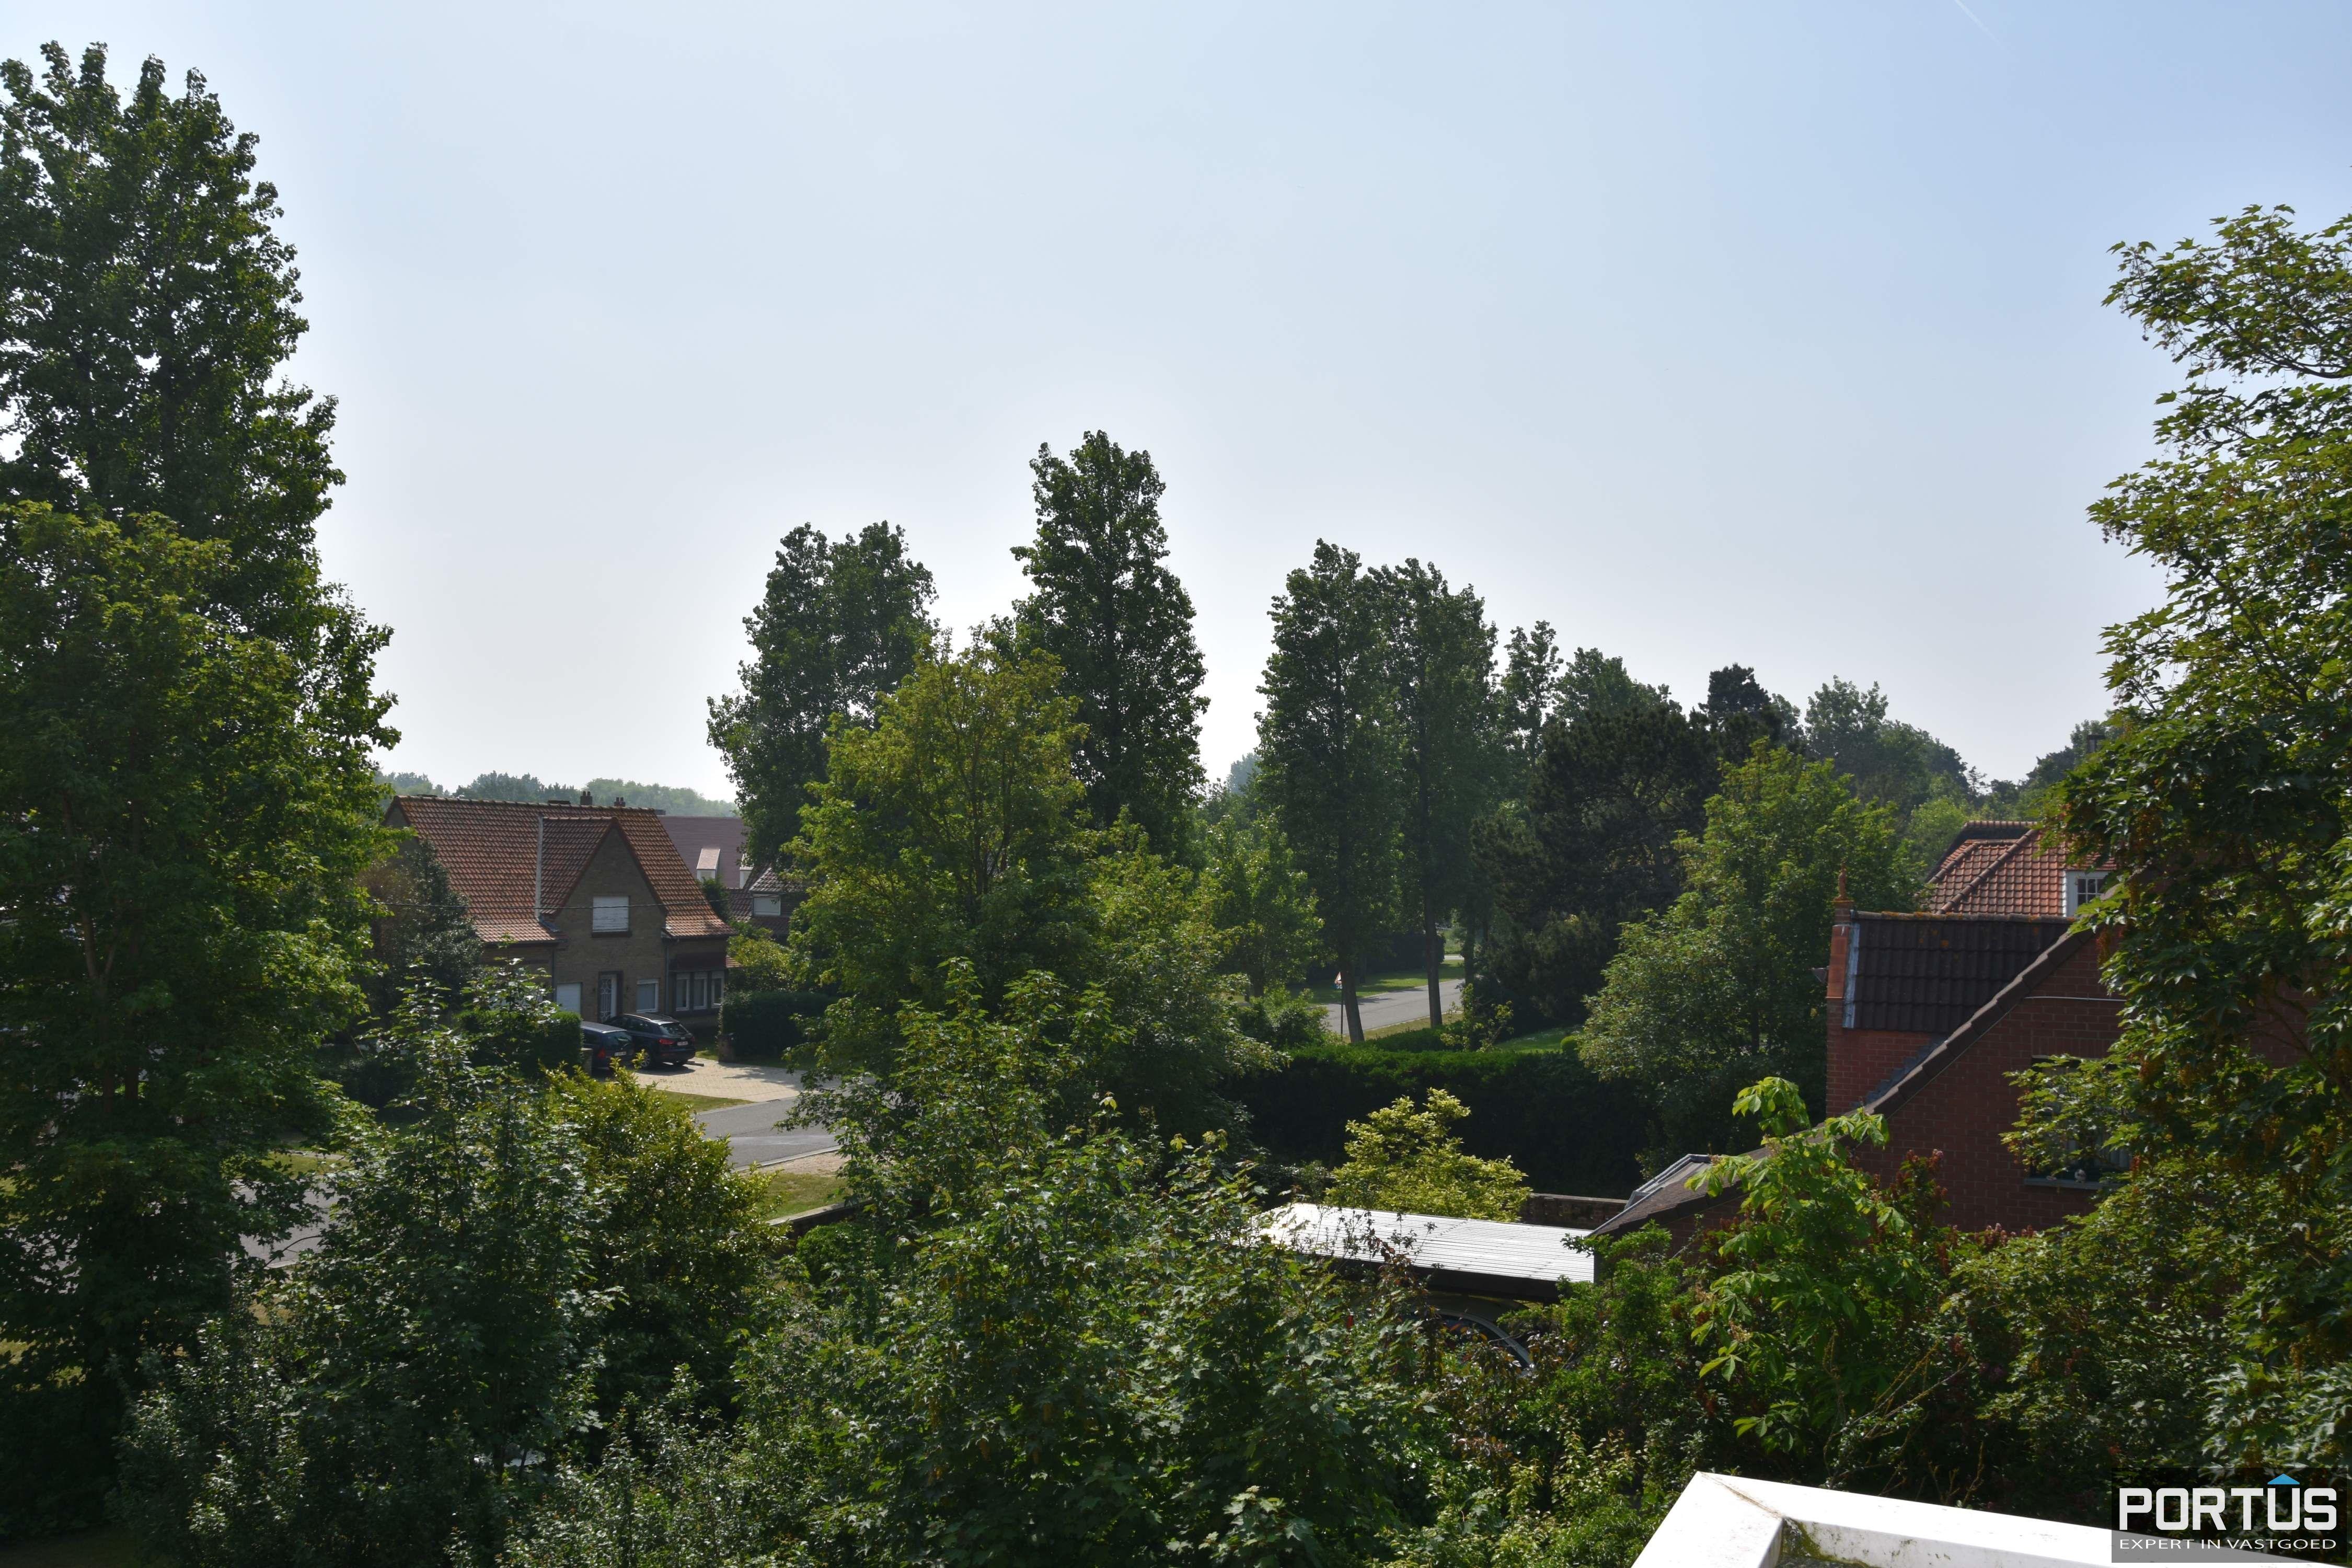 Appartement residentie Villa Crombez Nieuwpoort - 8354